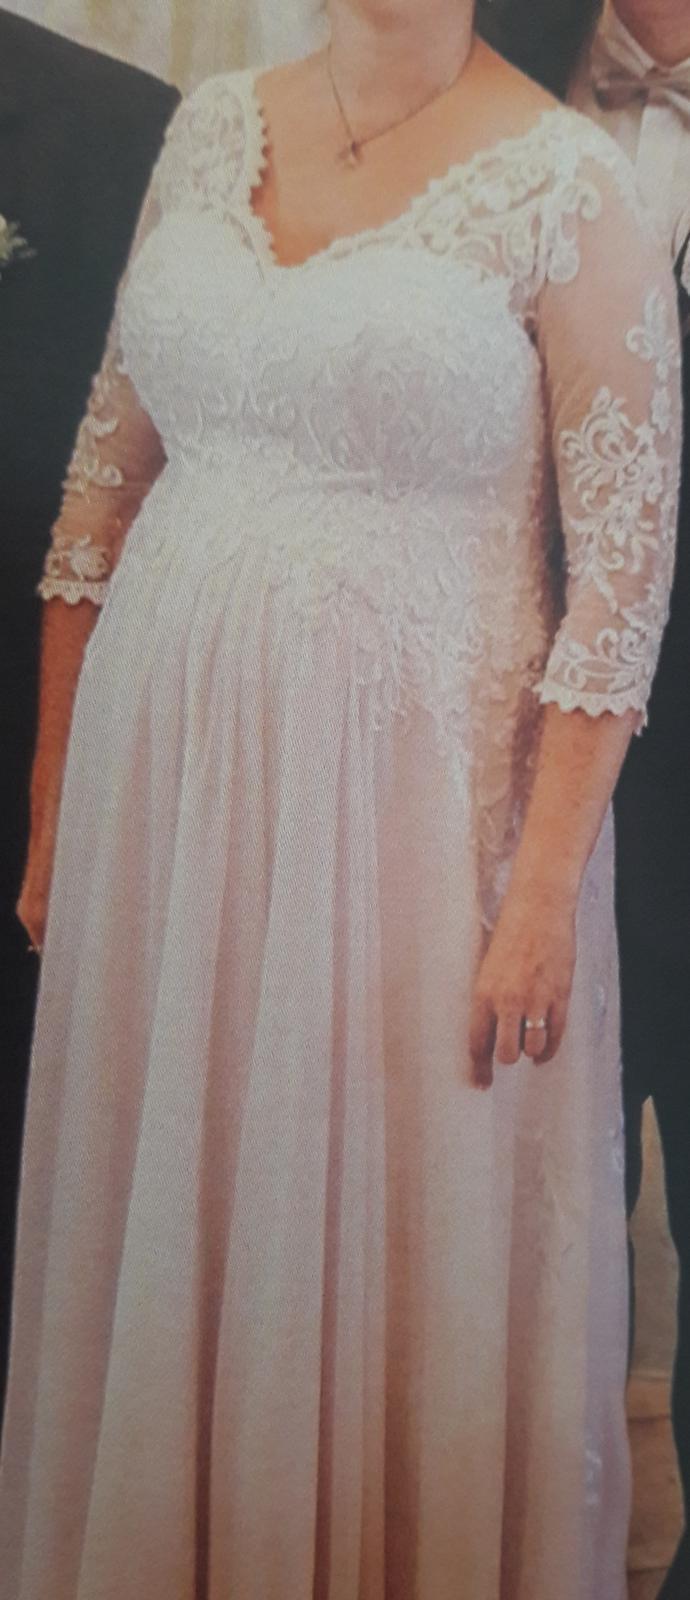 Tehotenské svadobné šaty 44/46 - Obrázok č. 2